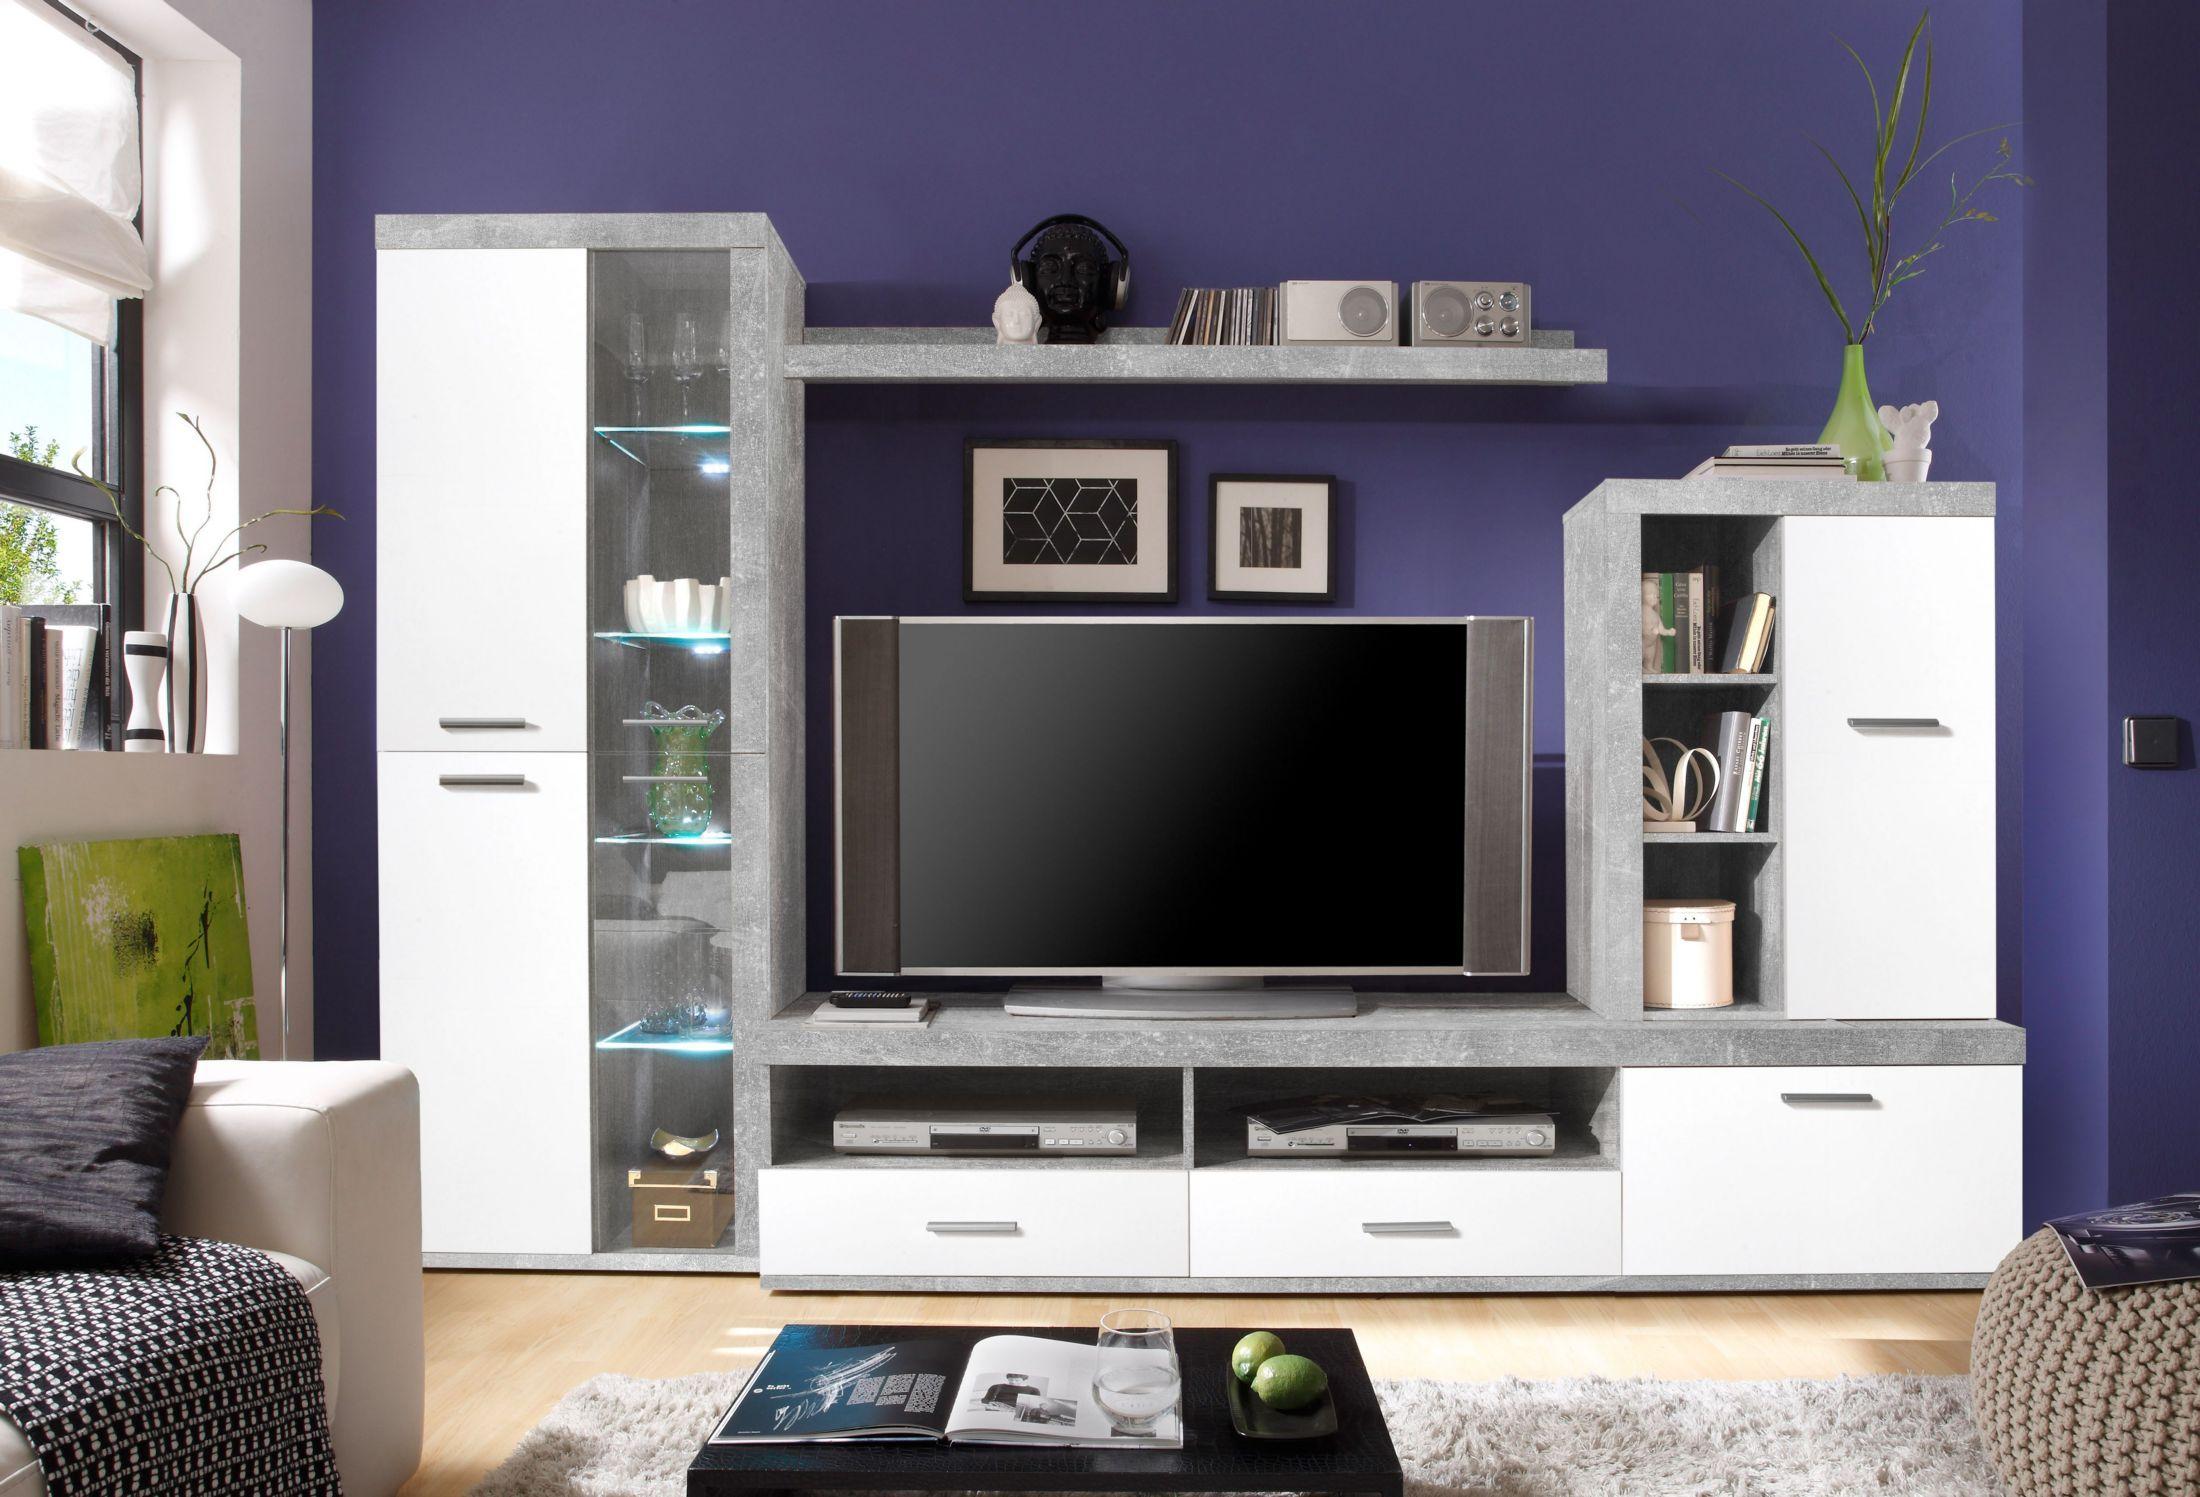 Wohnwand Mit Glaselement Beton/ Weiss Woody 61 00171 Holz Modern Jetzt  Bestellen Unter: